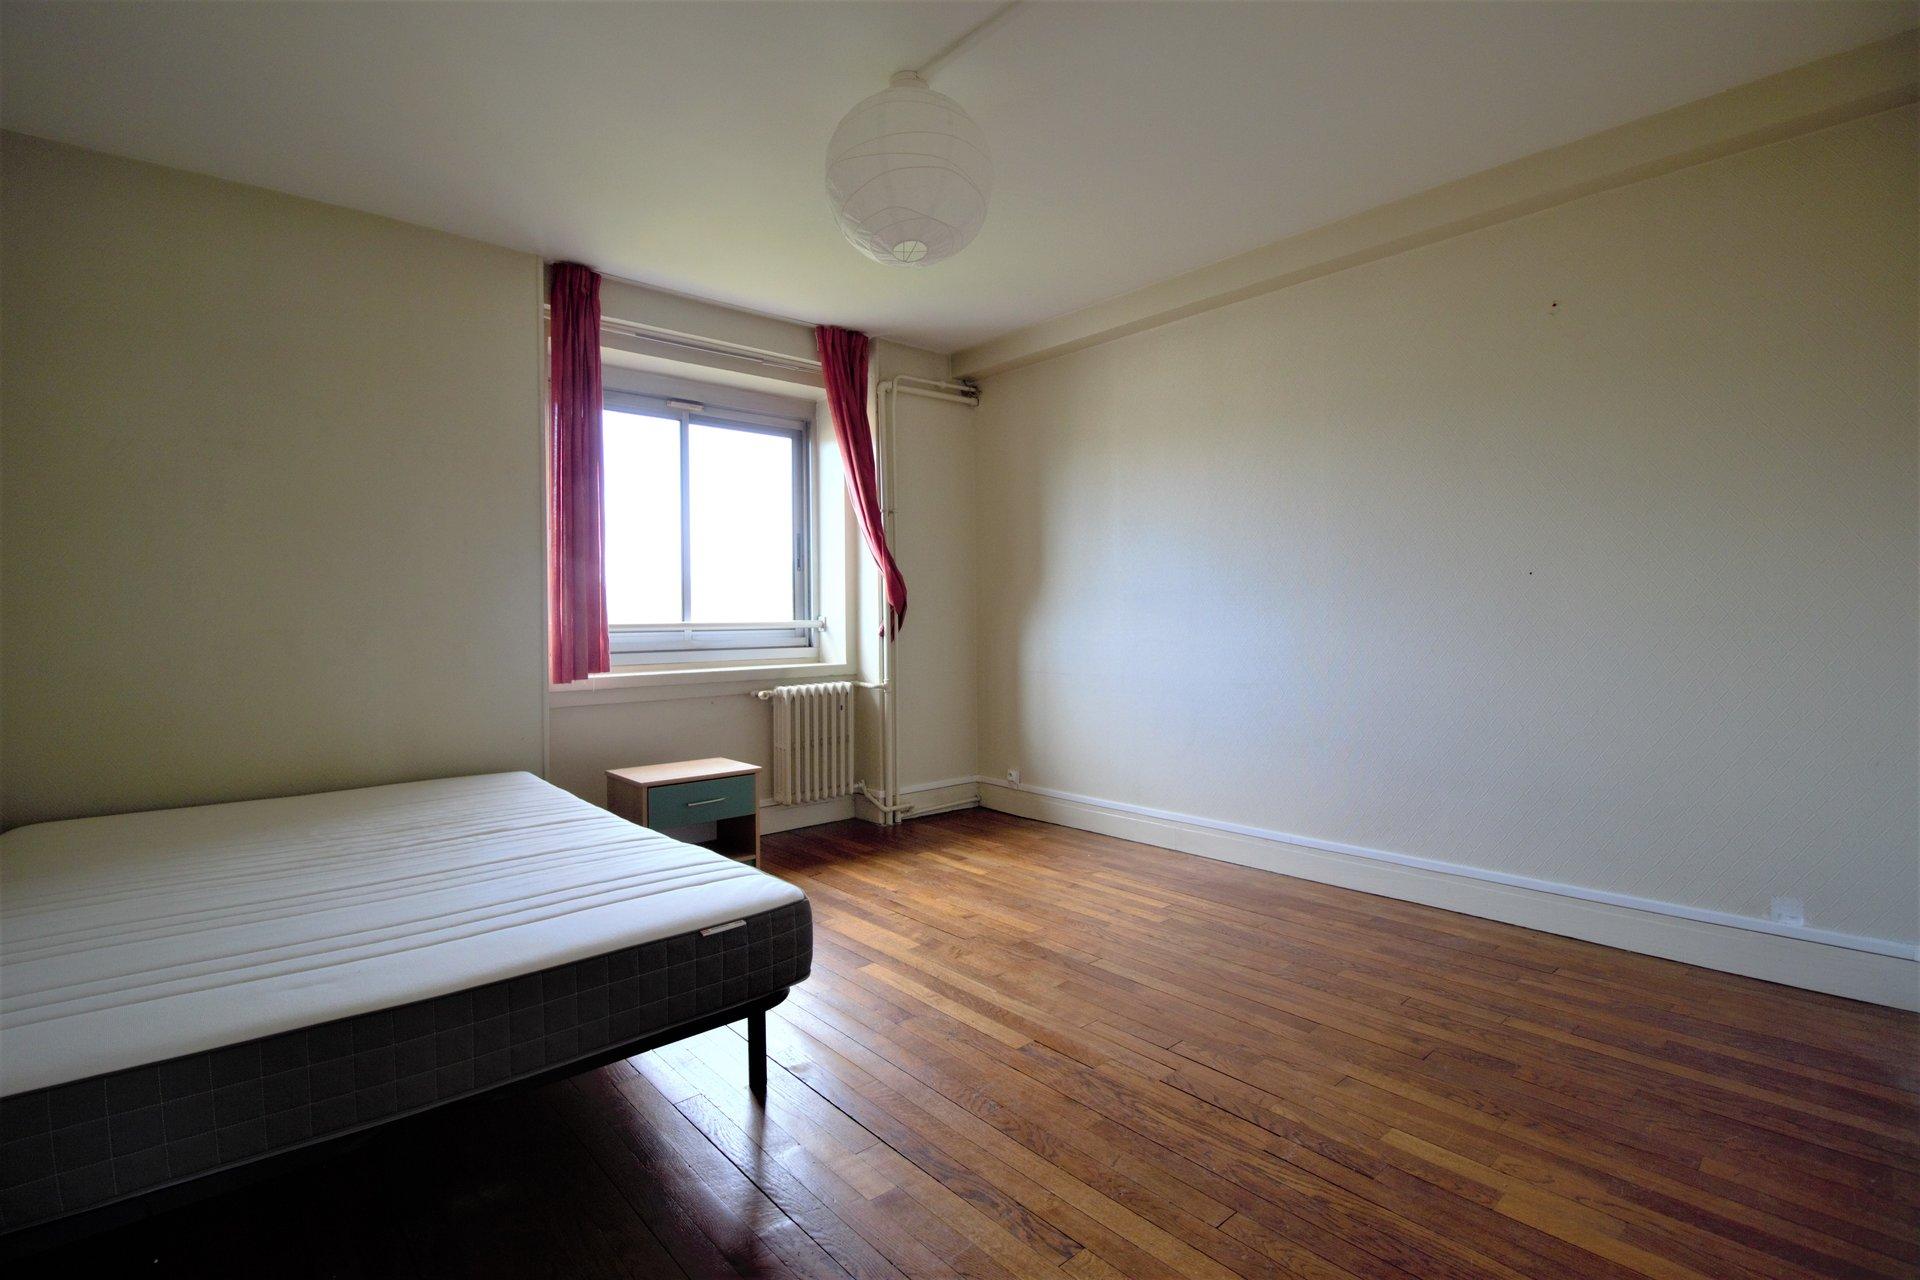 Rental Apartment - Rouen Centre-ville - Rive gauche